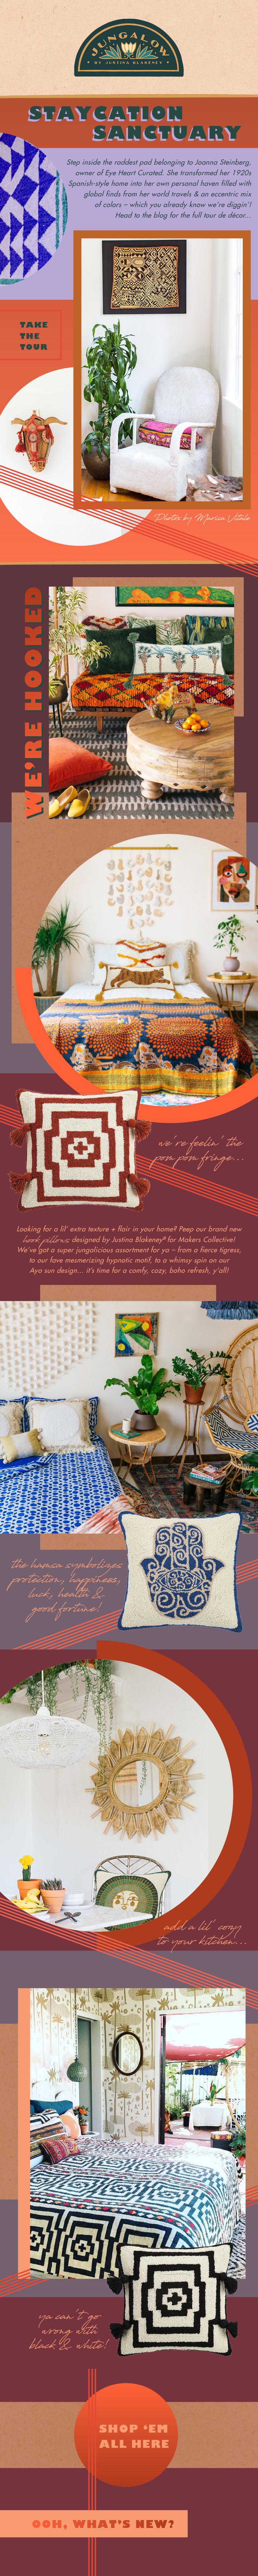 Digital Newsletter_Hook Pillows